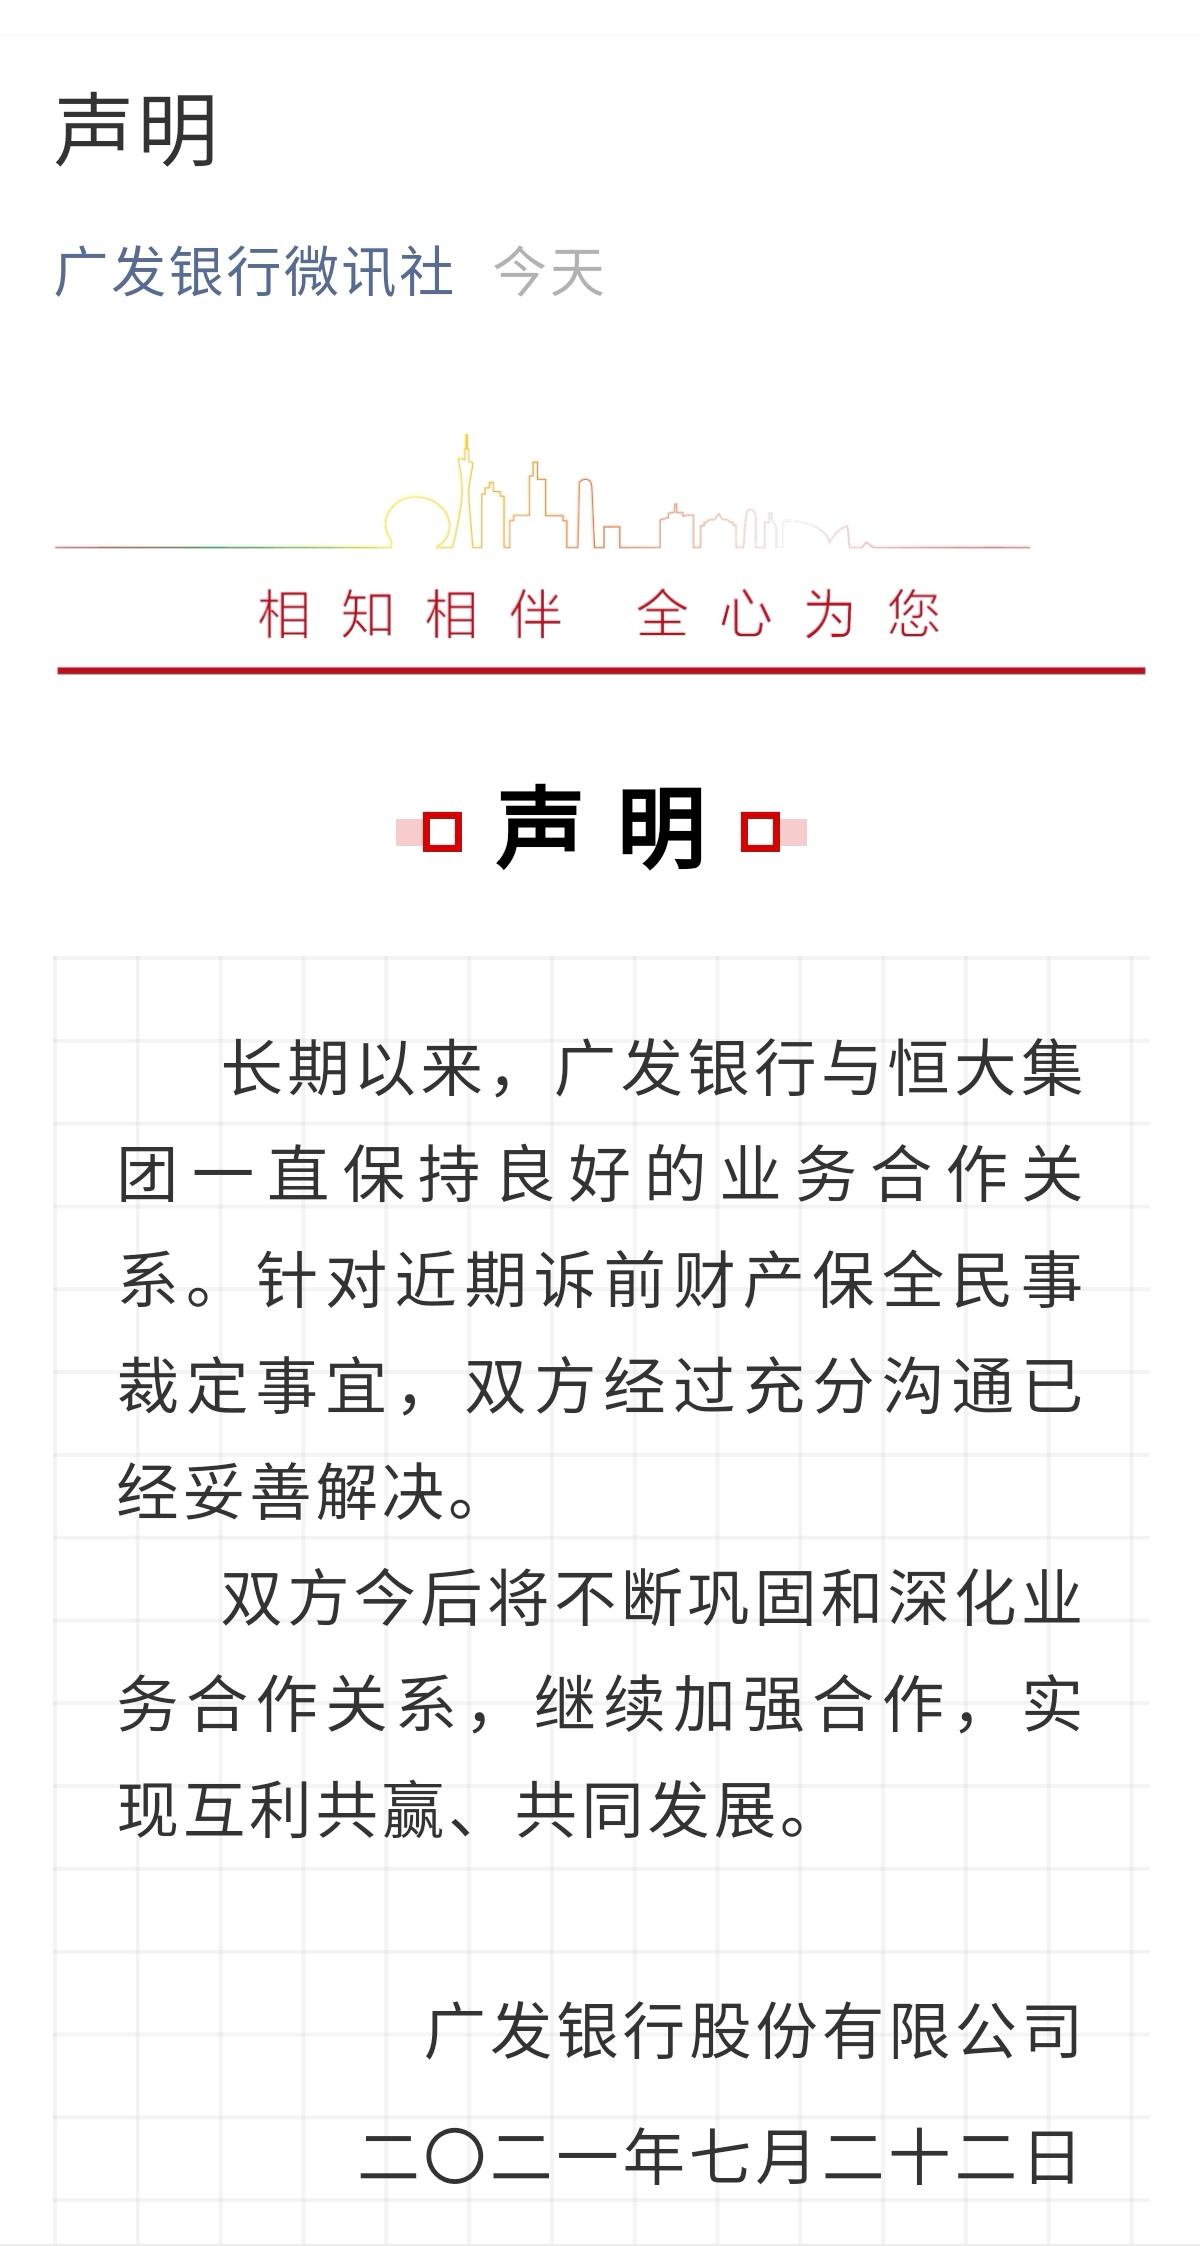 广发恒大共同声明:双方关系良好已和解